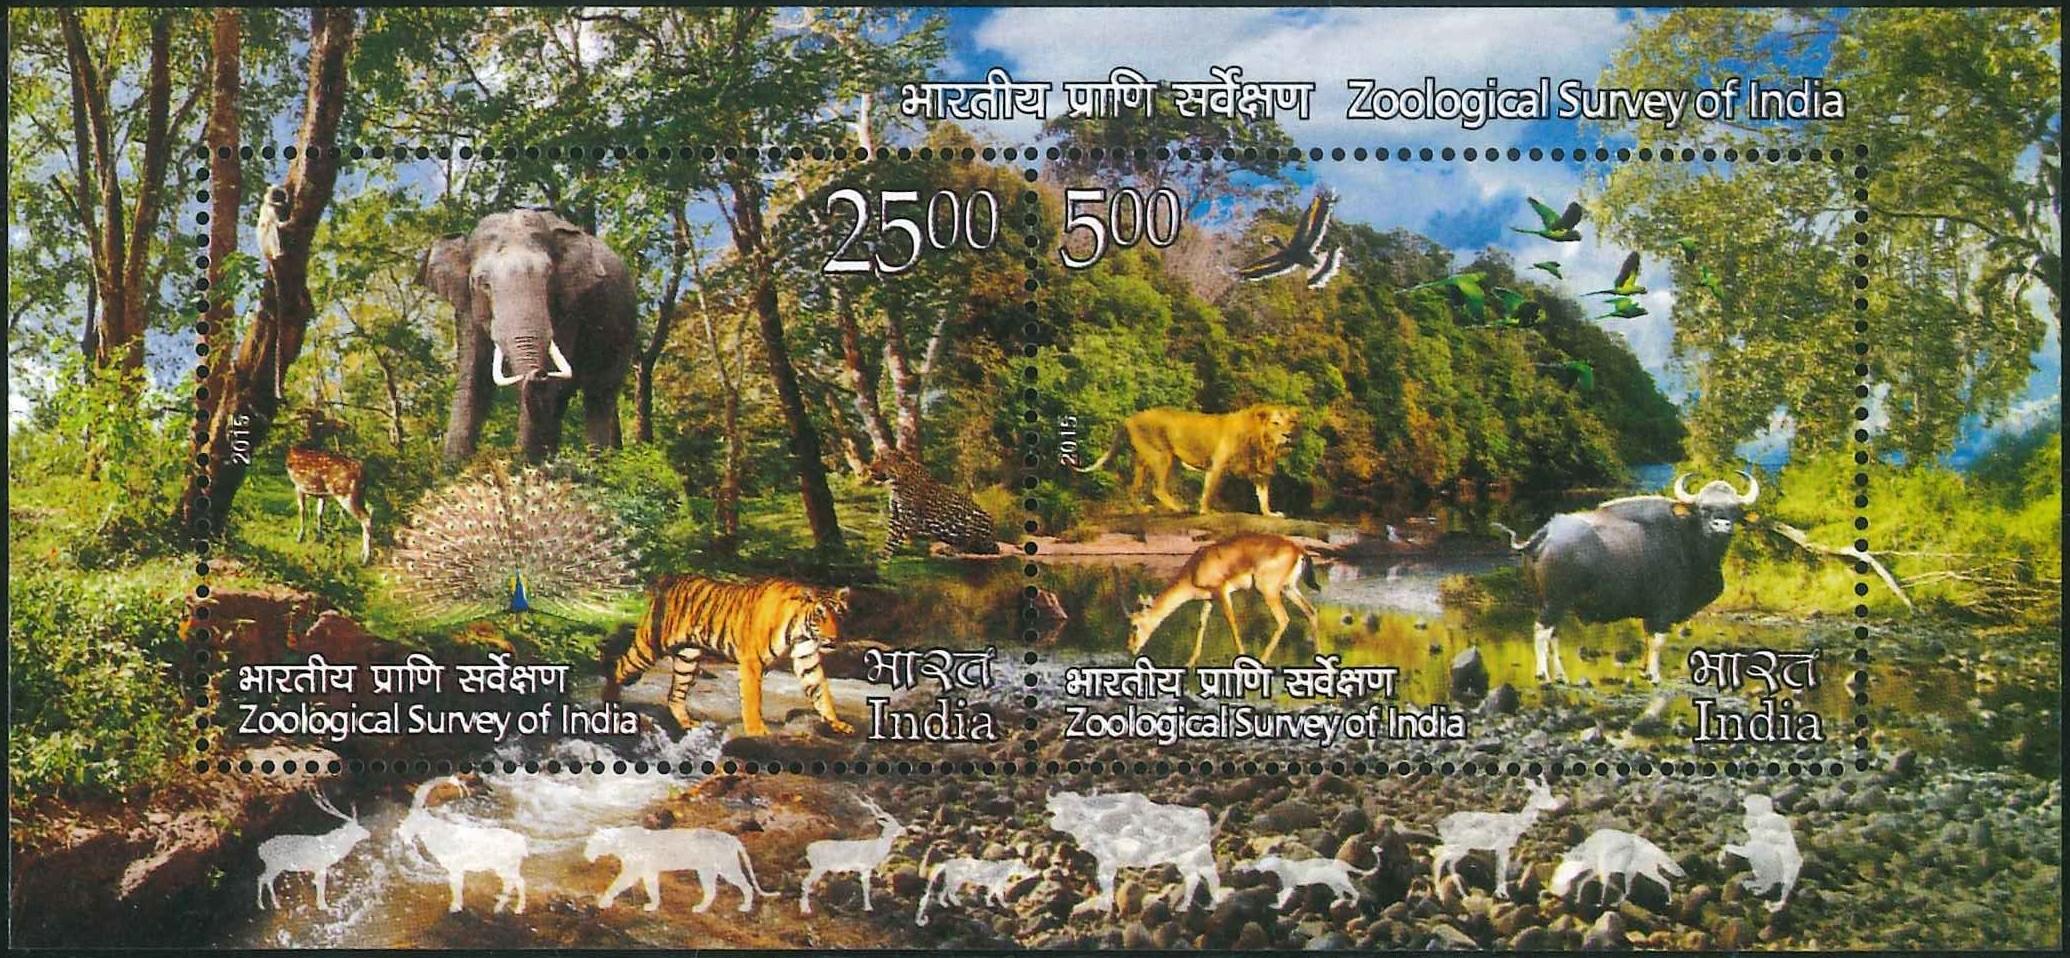 ZSI : भारतीय प्राणि सर्वेक्षण (जूलॉजिकल सर्वे ऑफ इंडिया)